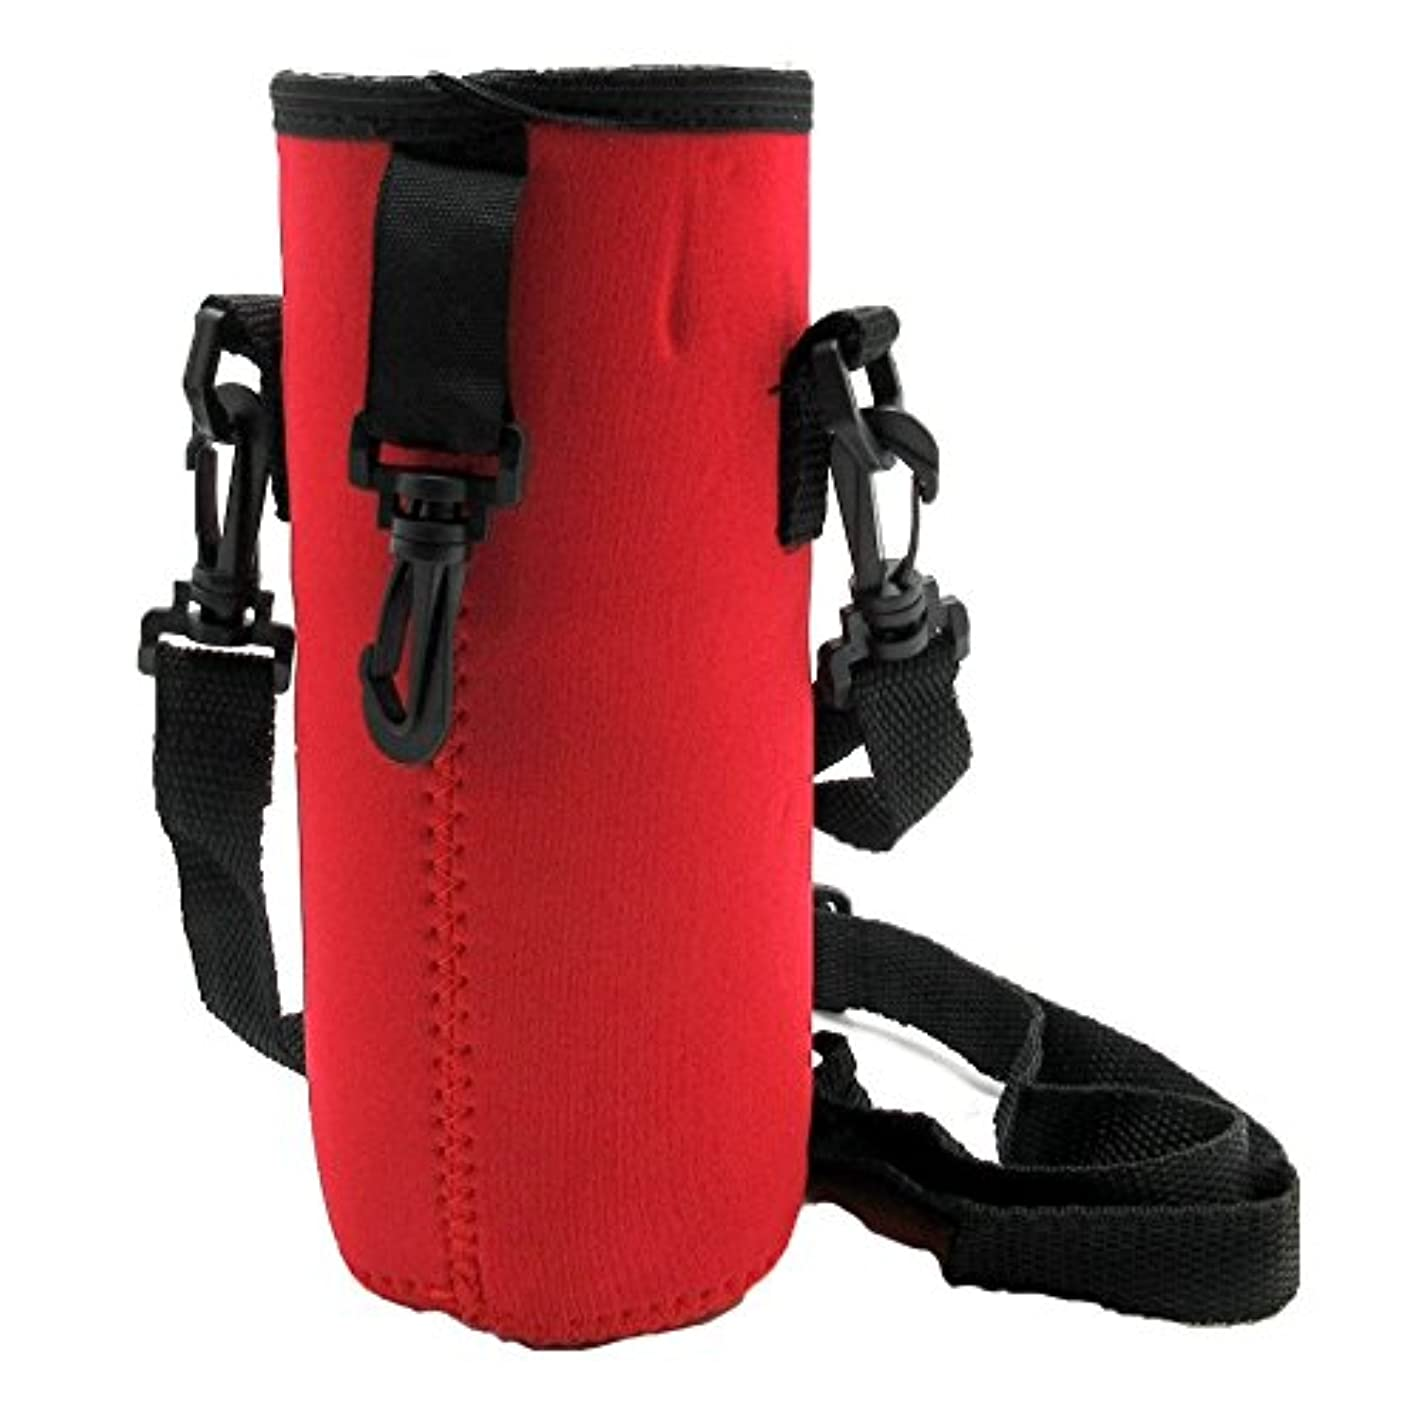 写真を描く準備上昇[パンダファミリー] 水筒カバー ボトルカバー ペットボトル 水筒ホルダー 調節可能 ショルダーストラップ 防水 無地 迷彩 肩掛け紐付き キッズ 子供 ジュニア 大人